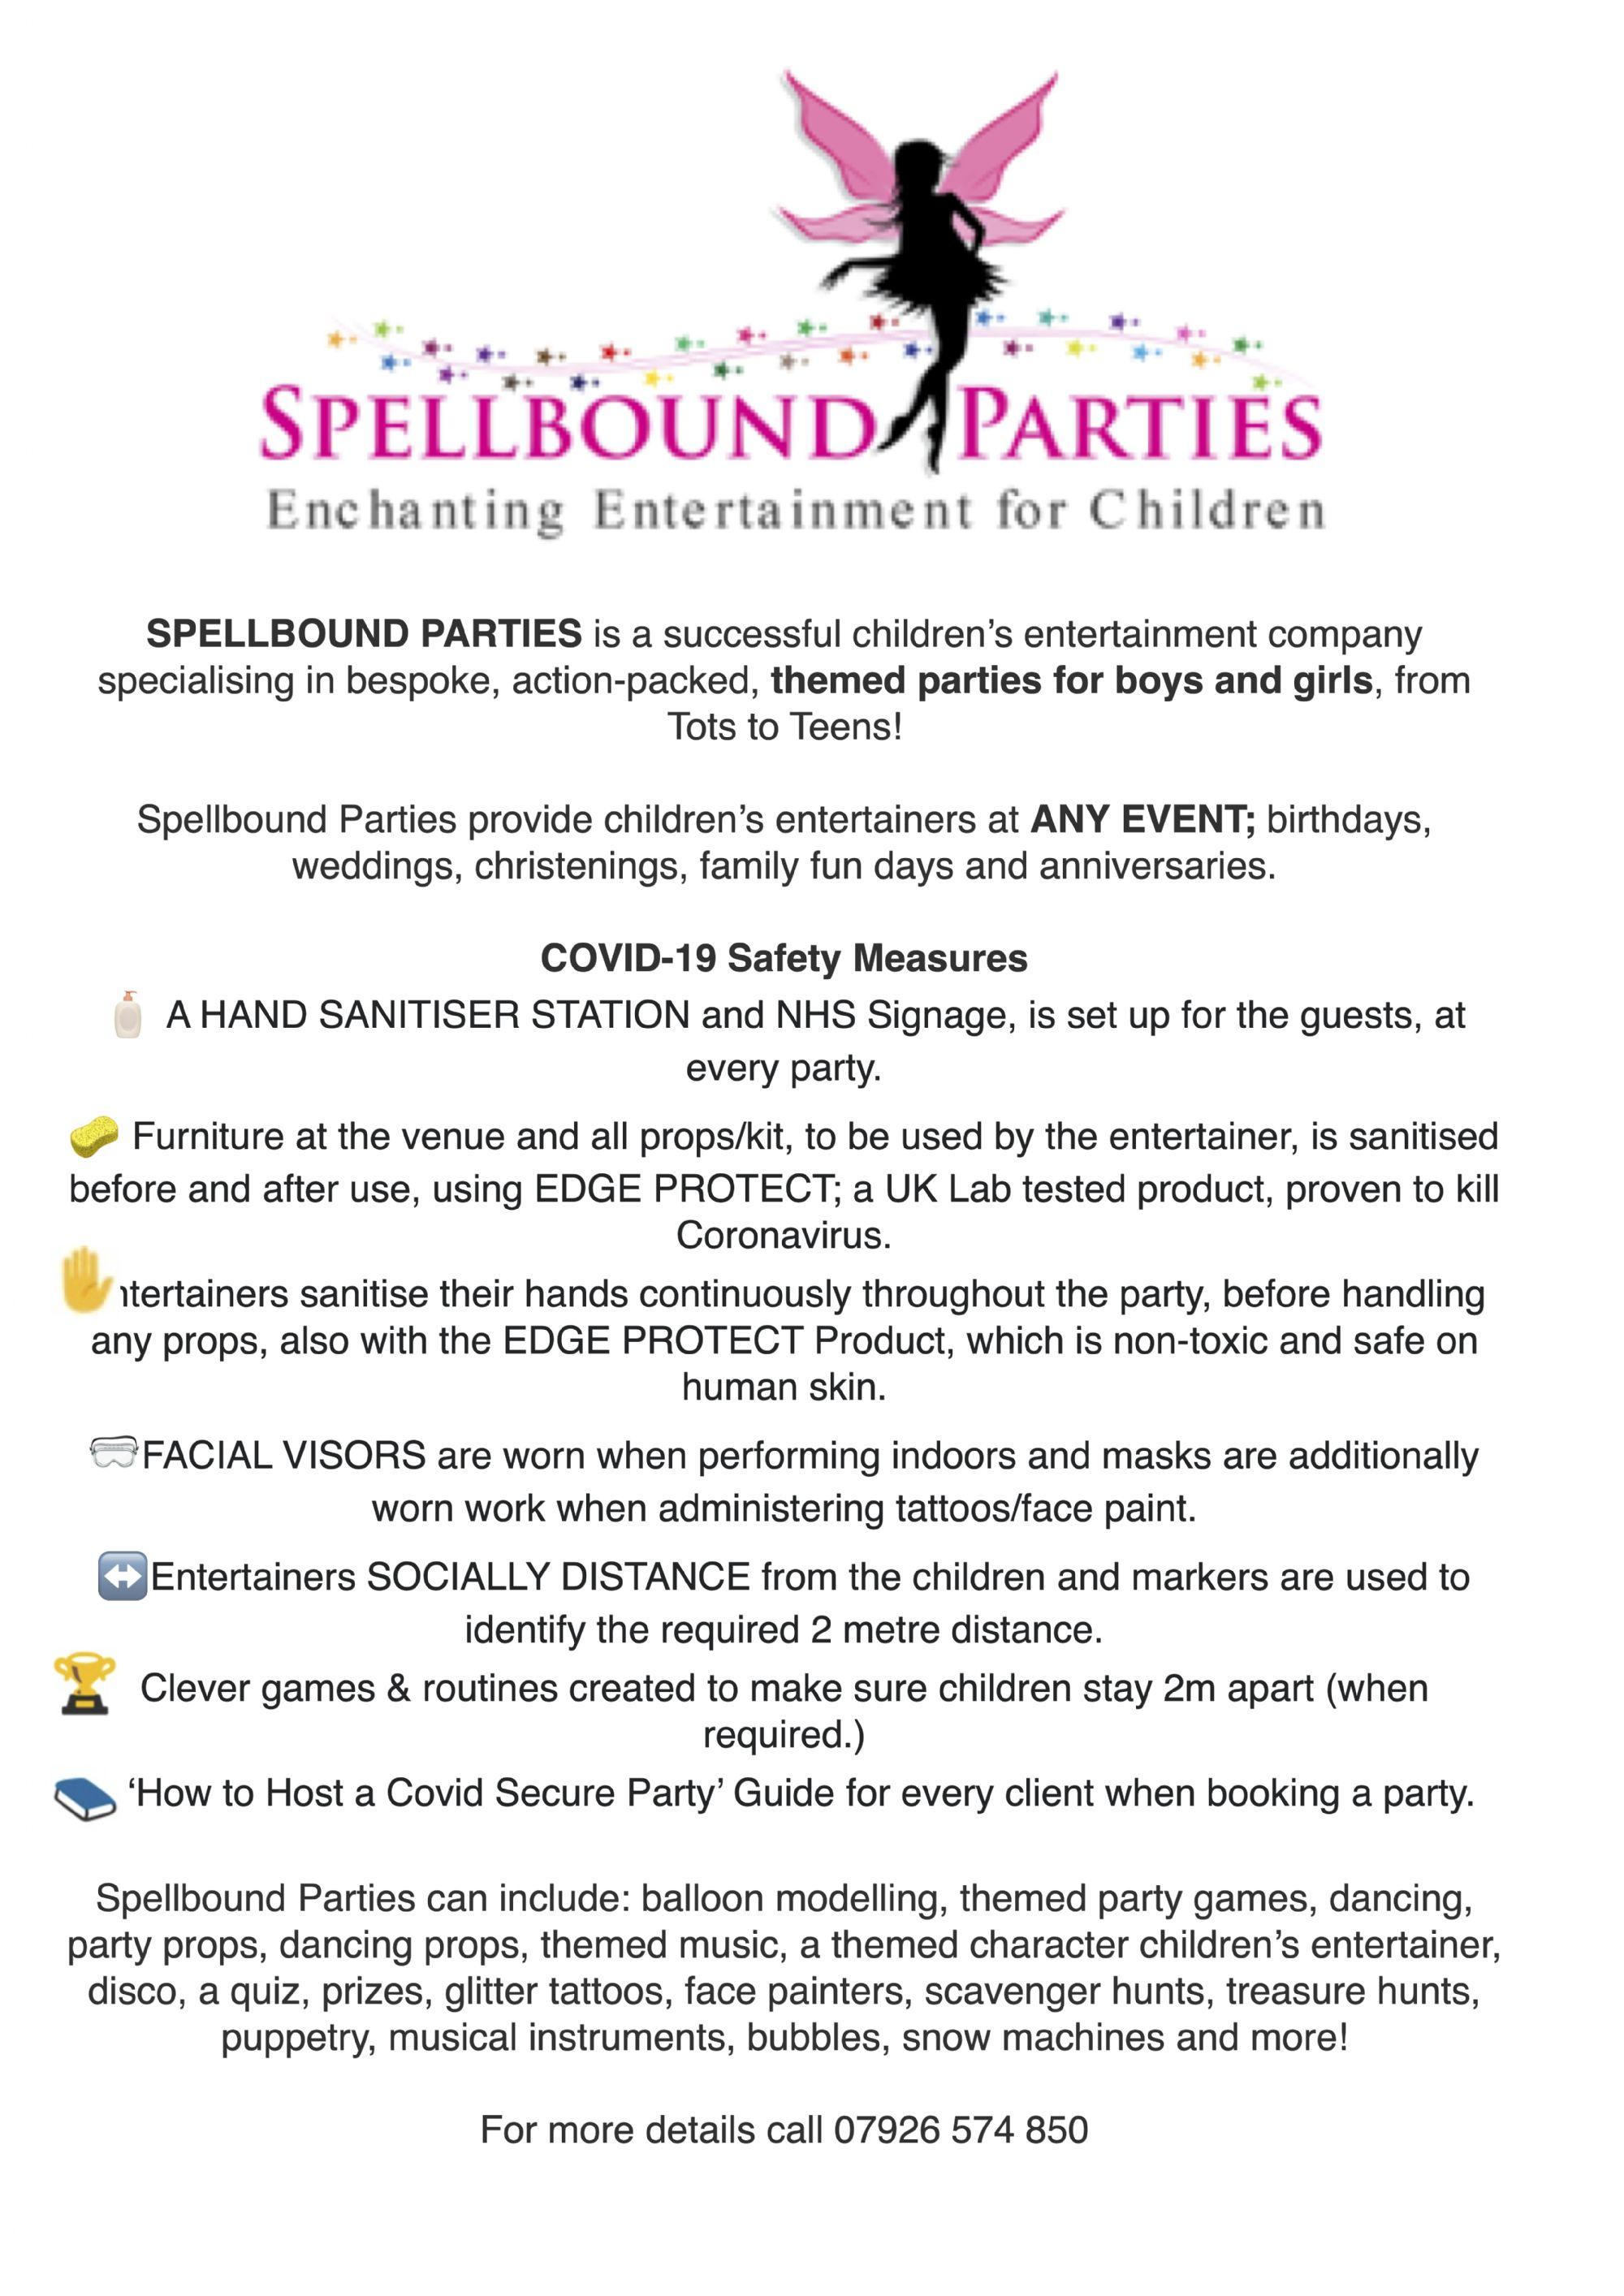 Spellbound Parties